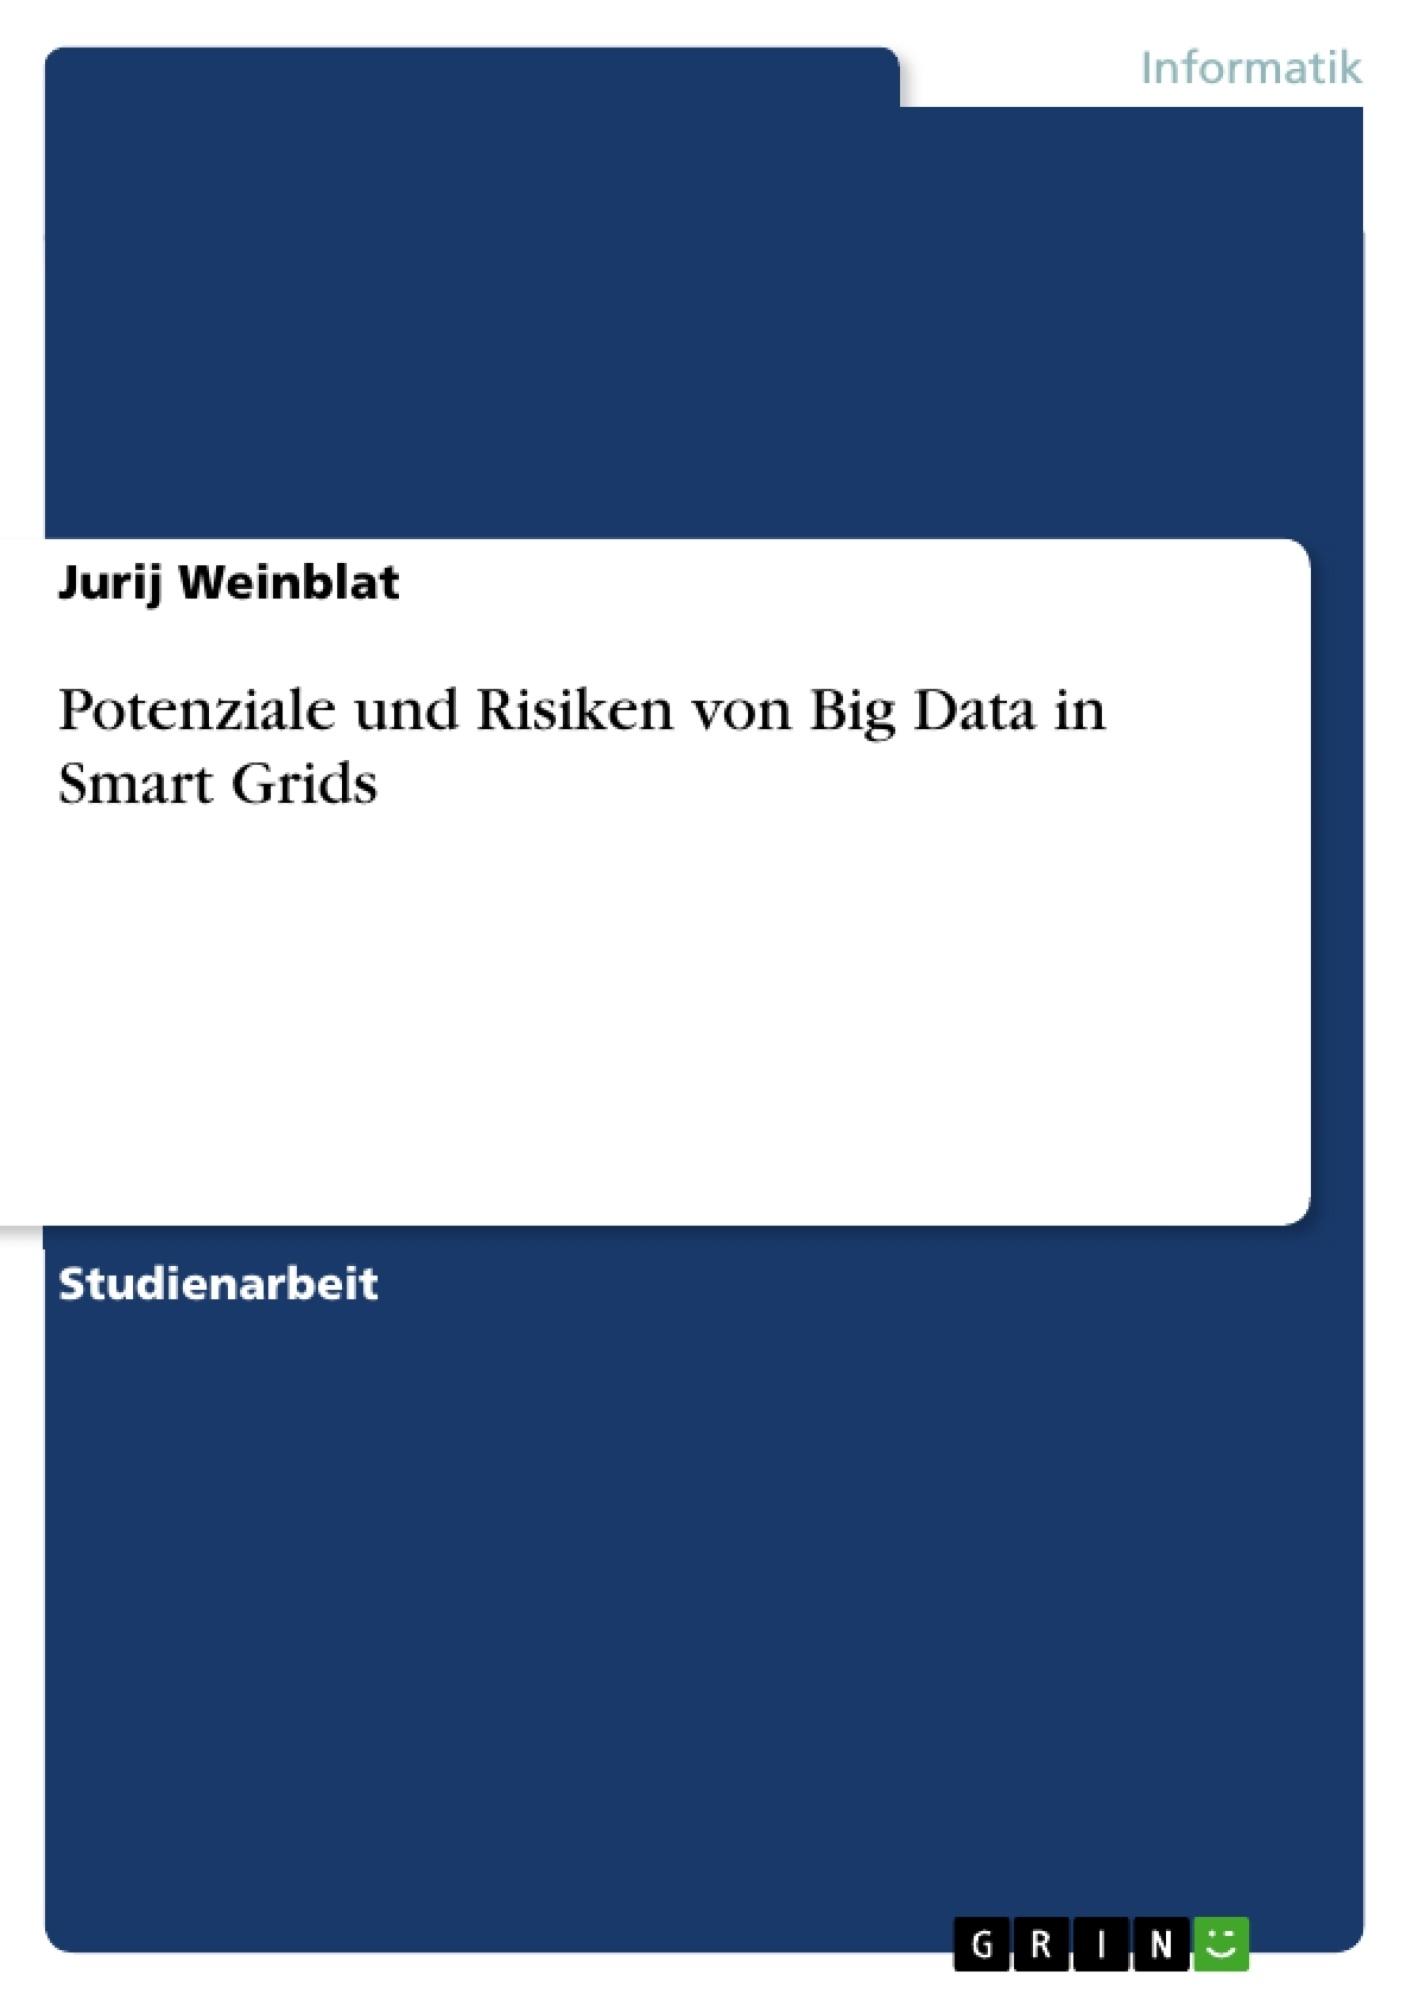 Titel: Potenziale und Risiken von Big Data in Smart Grids